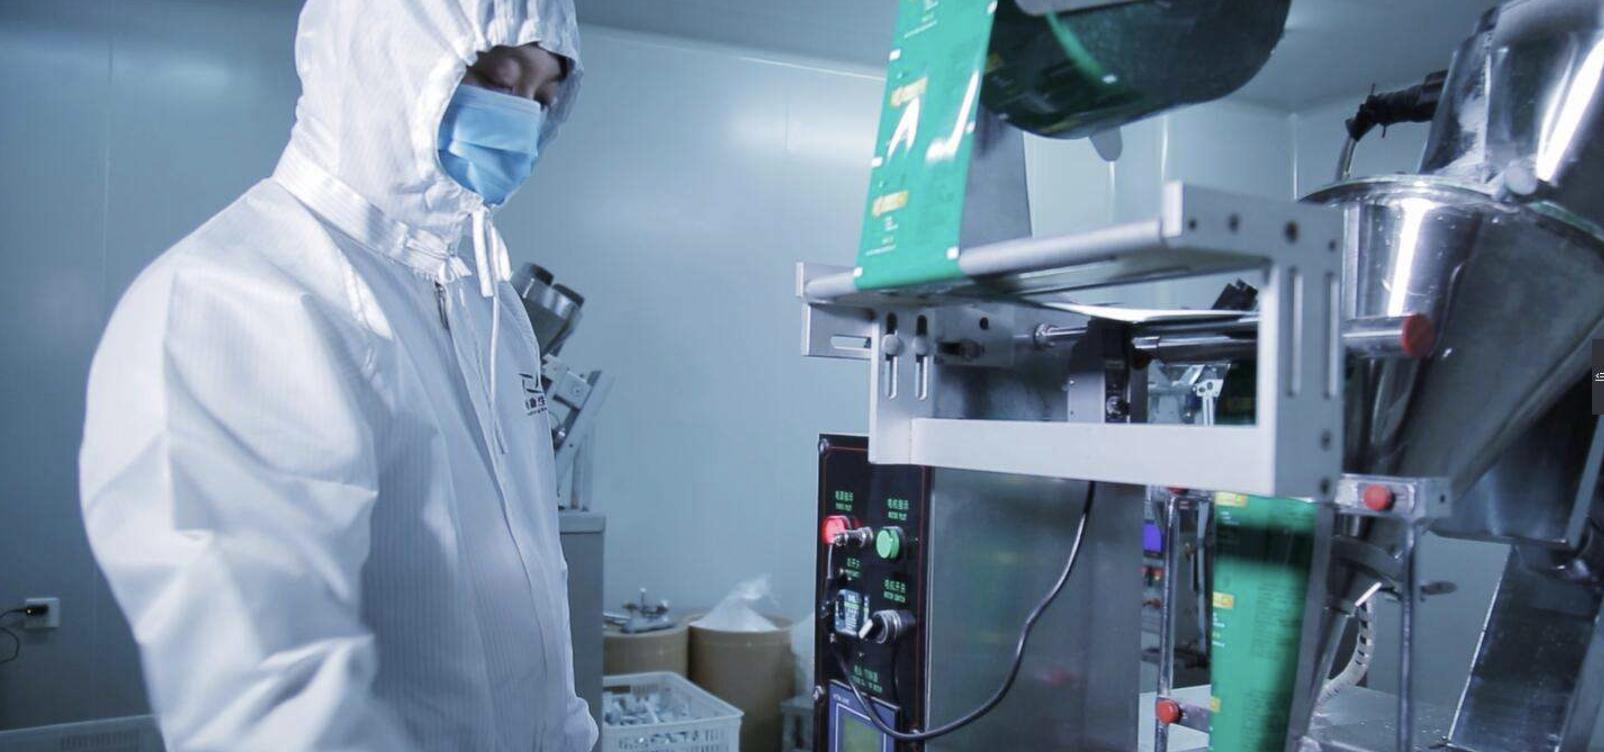 厦门发布《做强做大生物医药产业三年行动计划》到2022年产业规模达1200亿